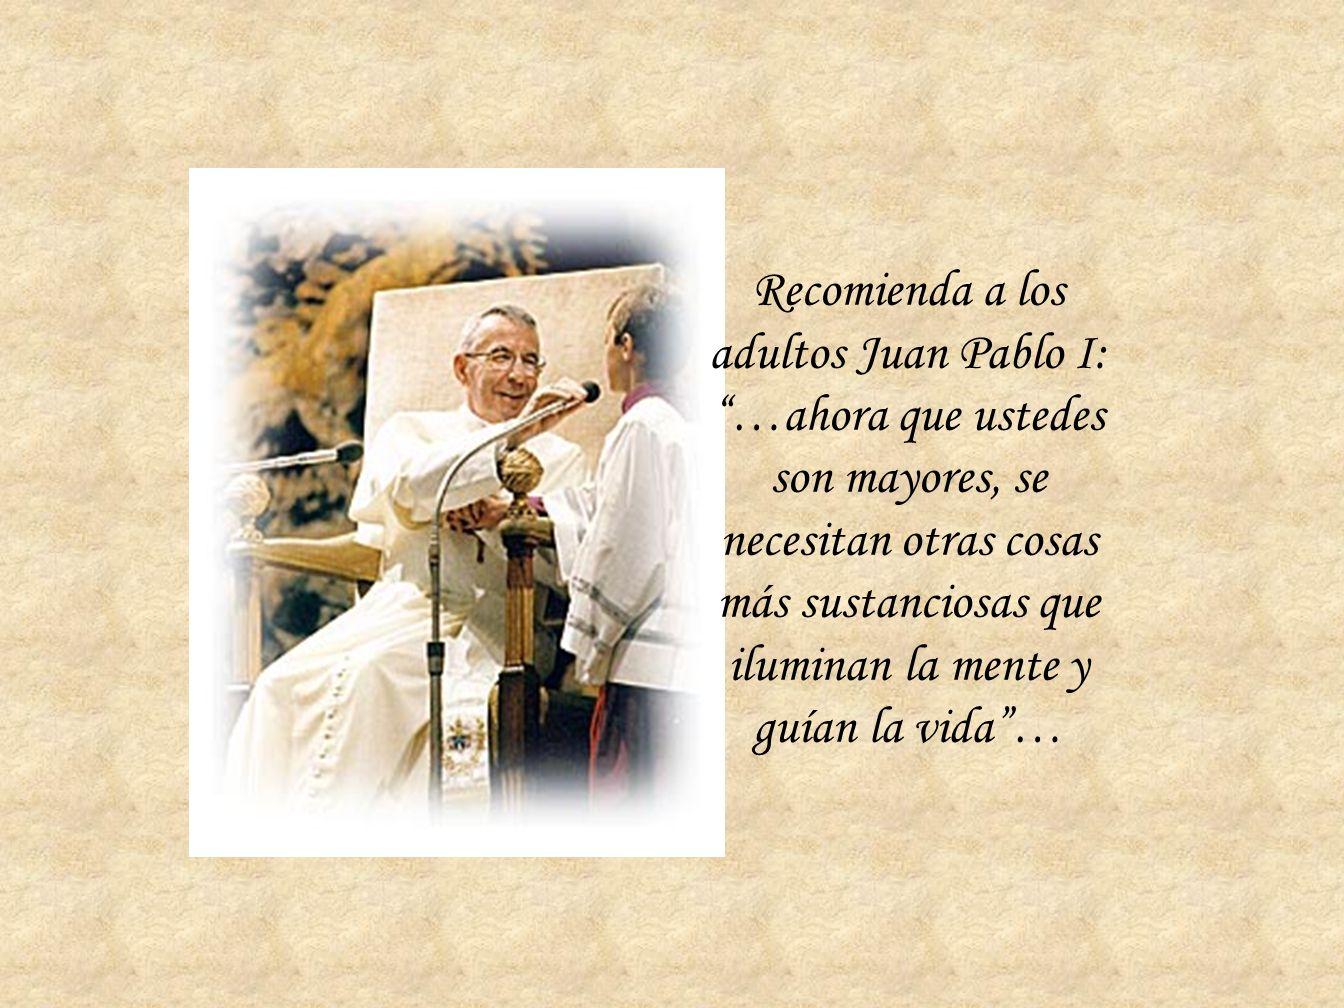 Recomienda a los adultos Juan Pablo I: …ahora que ustedes son mayores, se necesitan otras cosas más sustanciosas que iluminan la mente y guían la vida